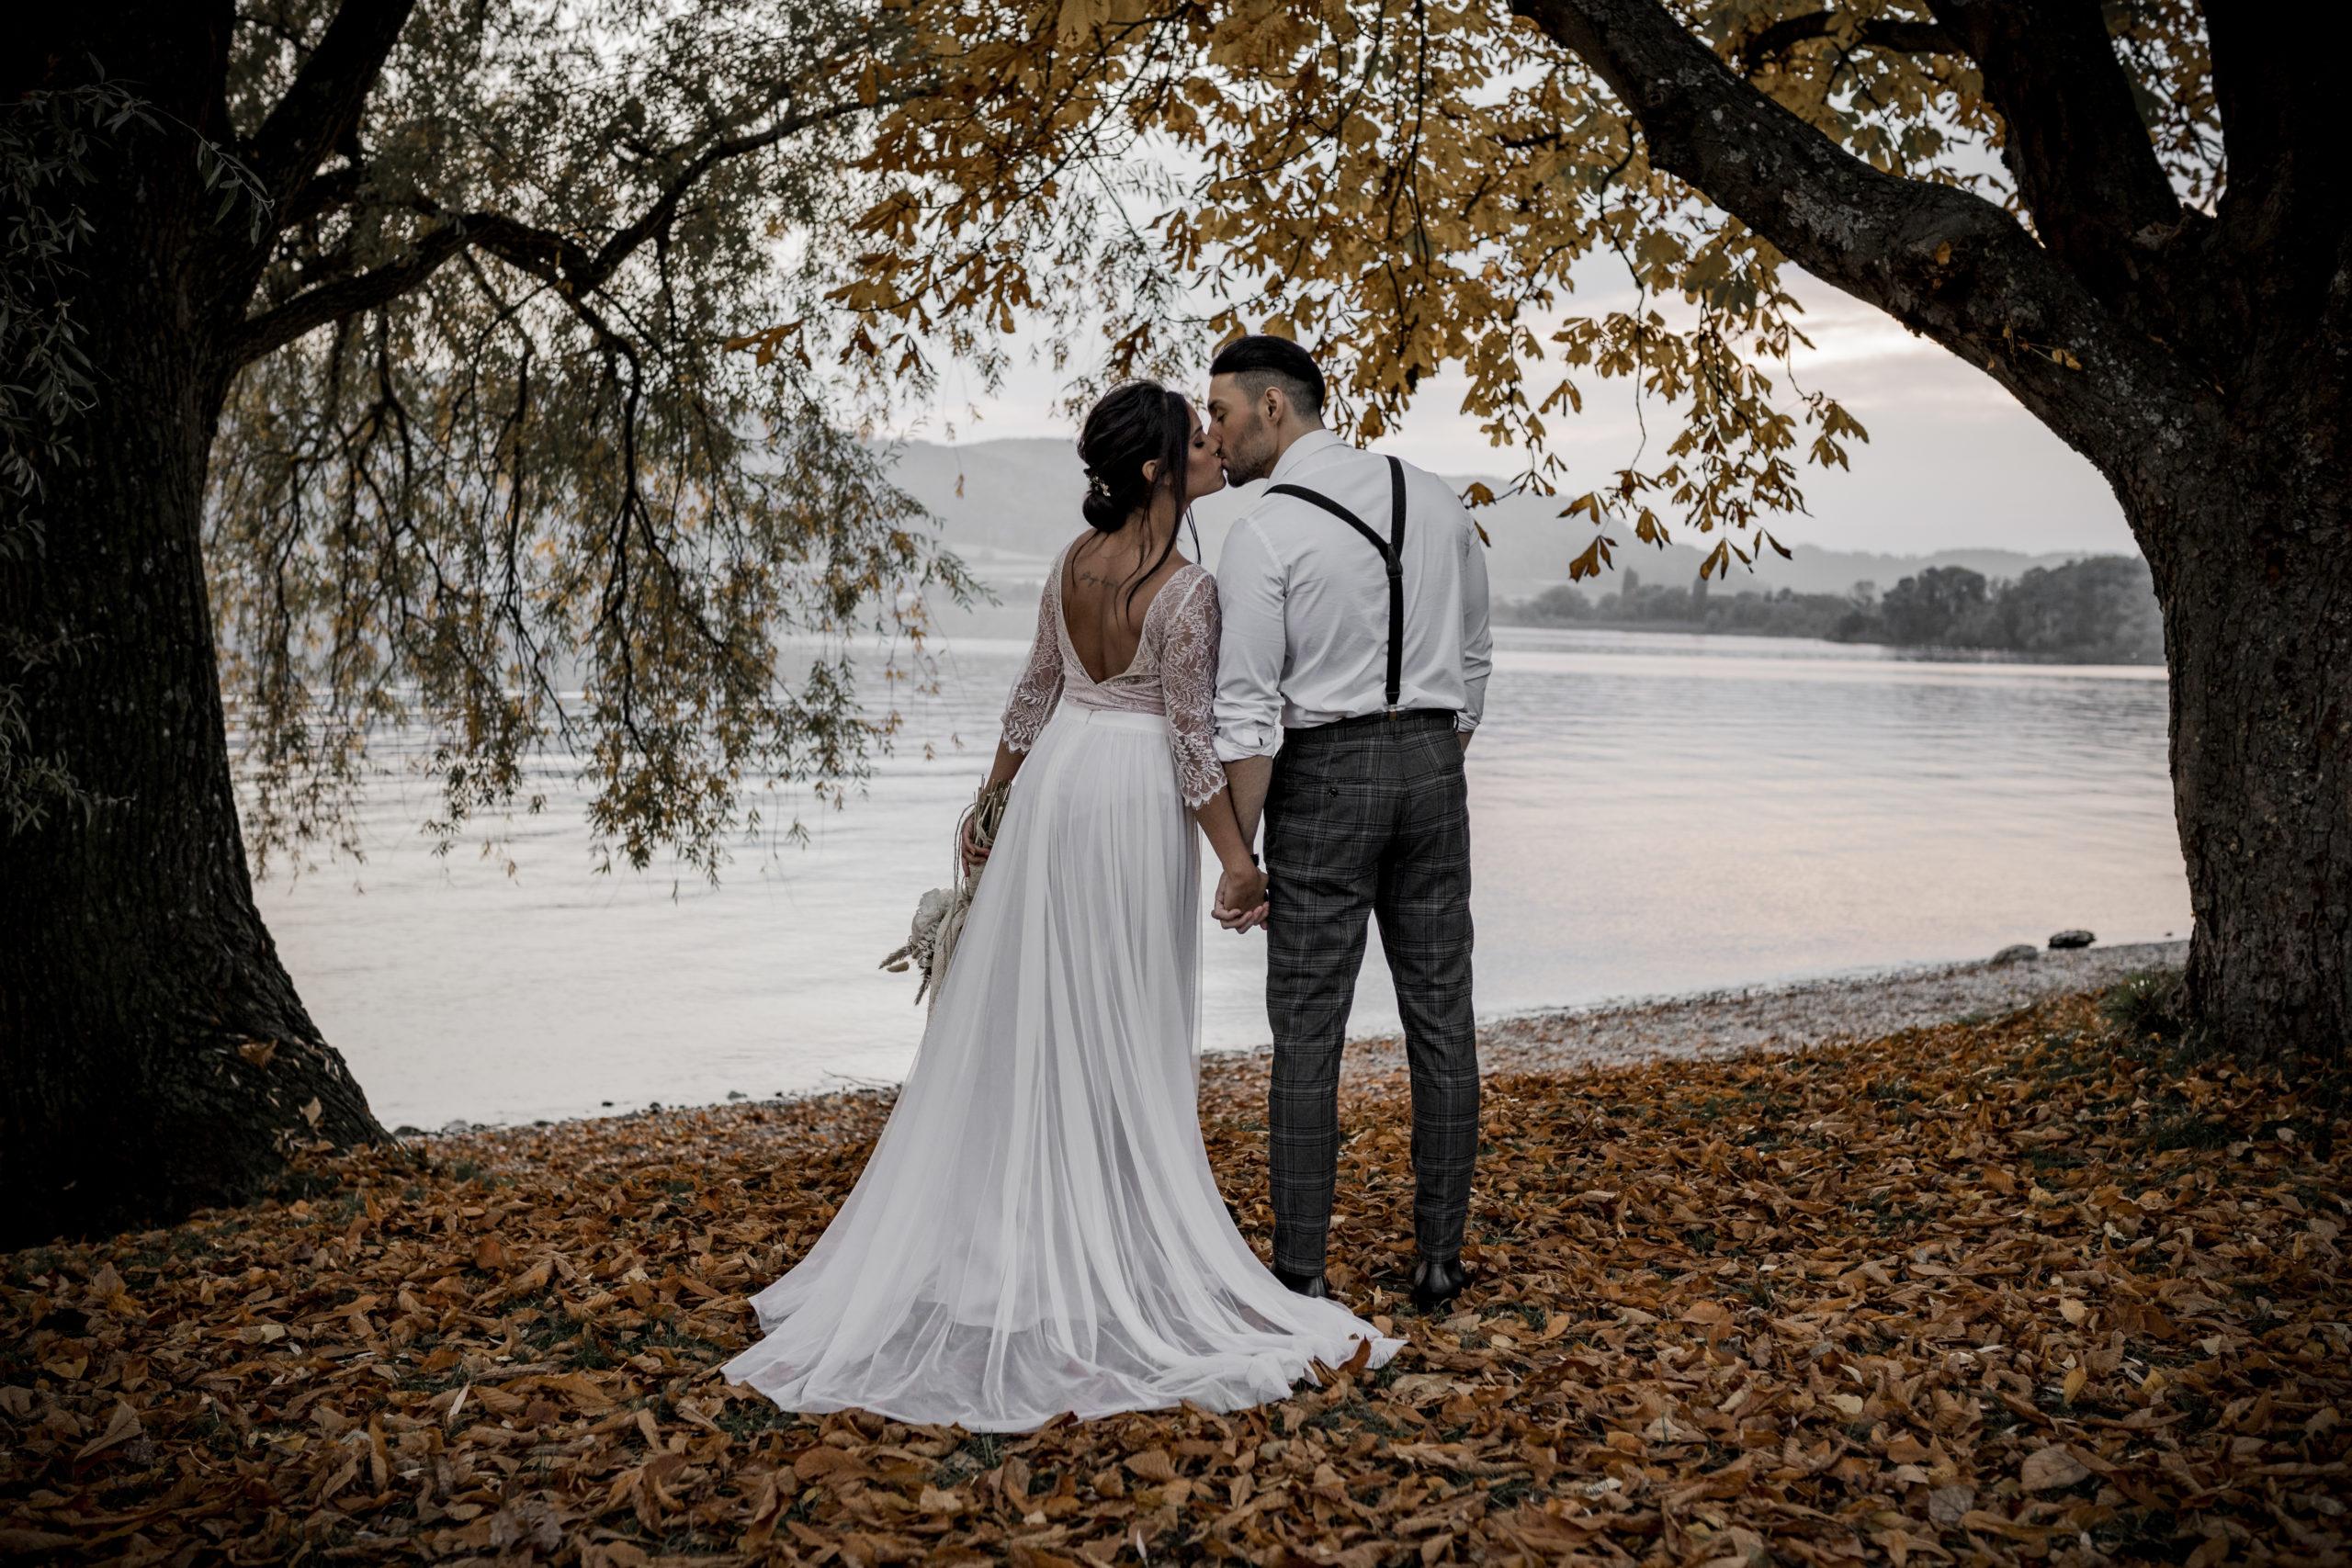 noni Brautmode, Styled Shoot am Bodensee, Model-Pärchen am Seeufer bei Sonnenschein, Braut mit zweiteiligem Brautkleid in Puderrosa-Optik, Bräutigam mit Hemd und Hosenträgern, rückenfreies Brautkleid, Rückenansicht, Brautpaar küssend